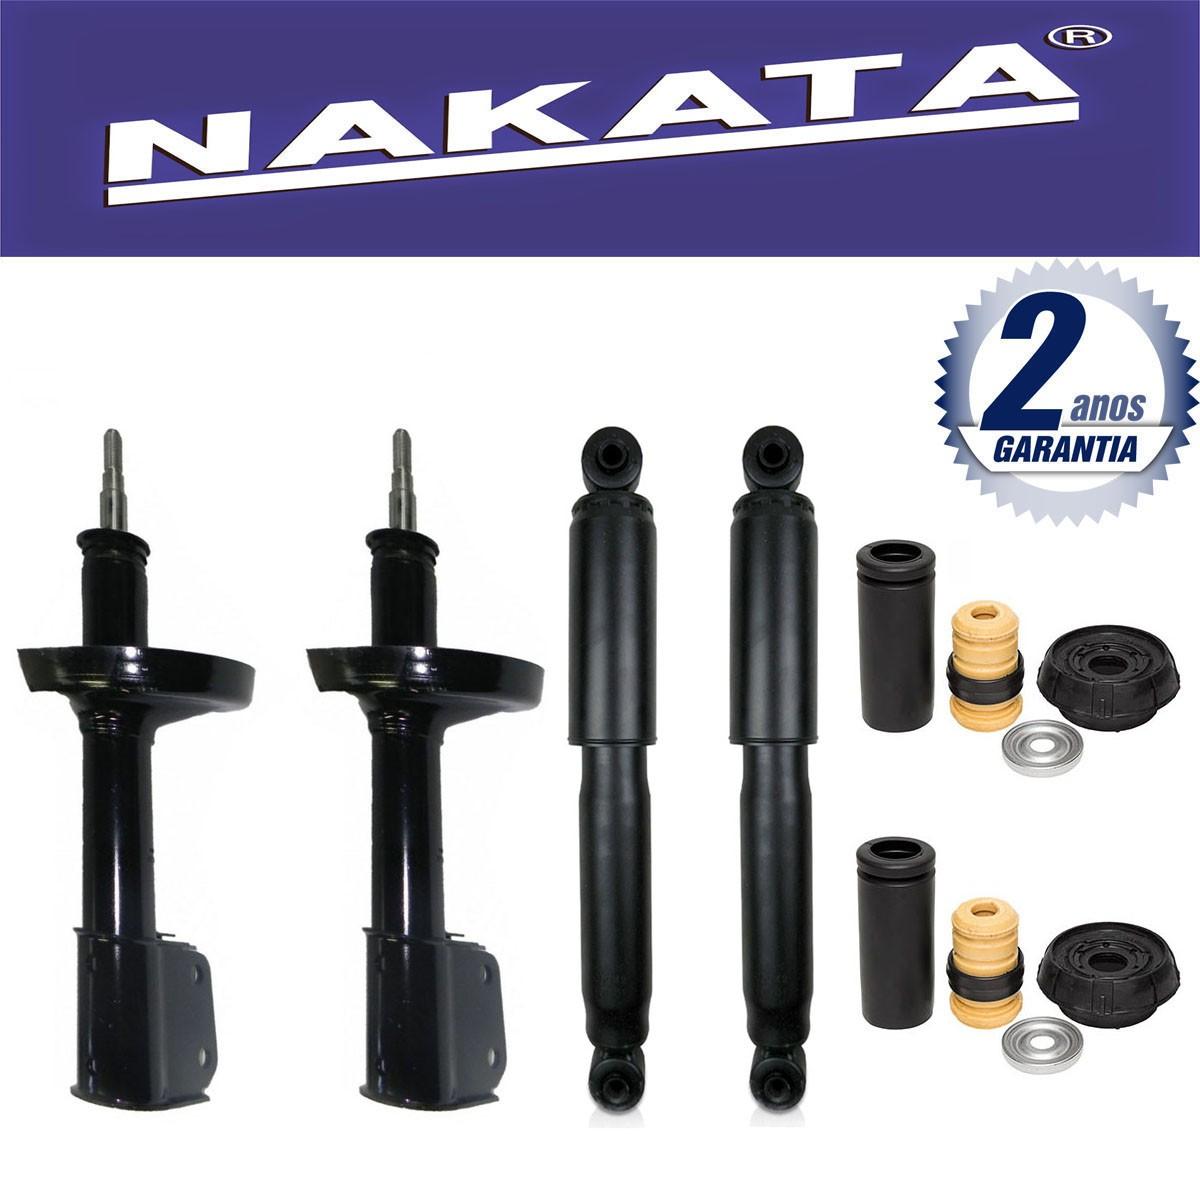 Jogo 04 Amortecedores Nakata Renault Kangoo Passeio 1999 Até 2012 + Kit da Suspensão